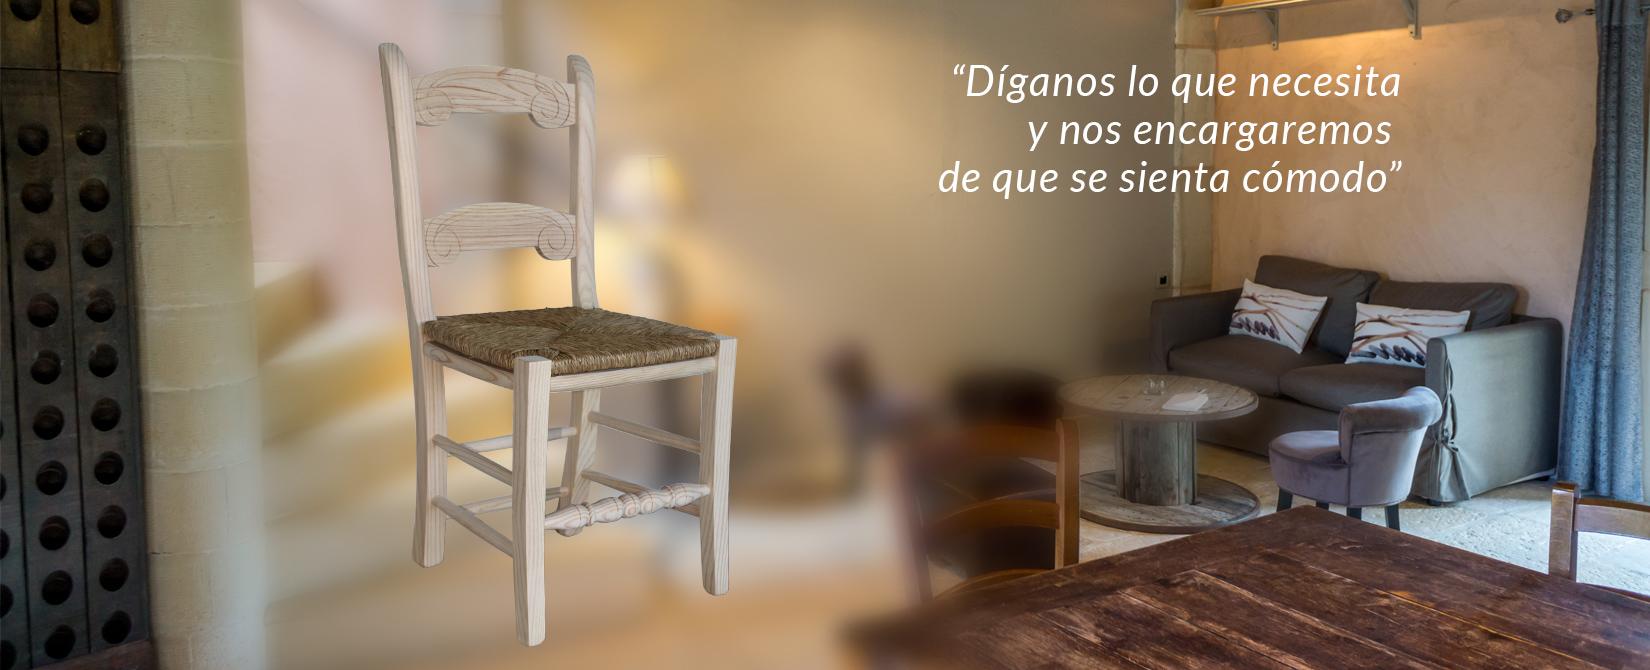 Tienda muebles lucena awesome muebles mesa tiendas de - Fabricas de muebles lucena ...